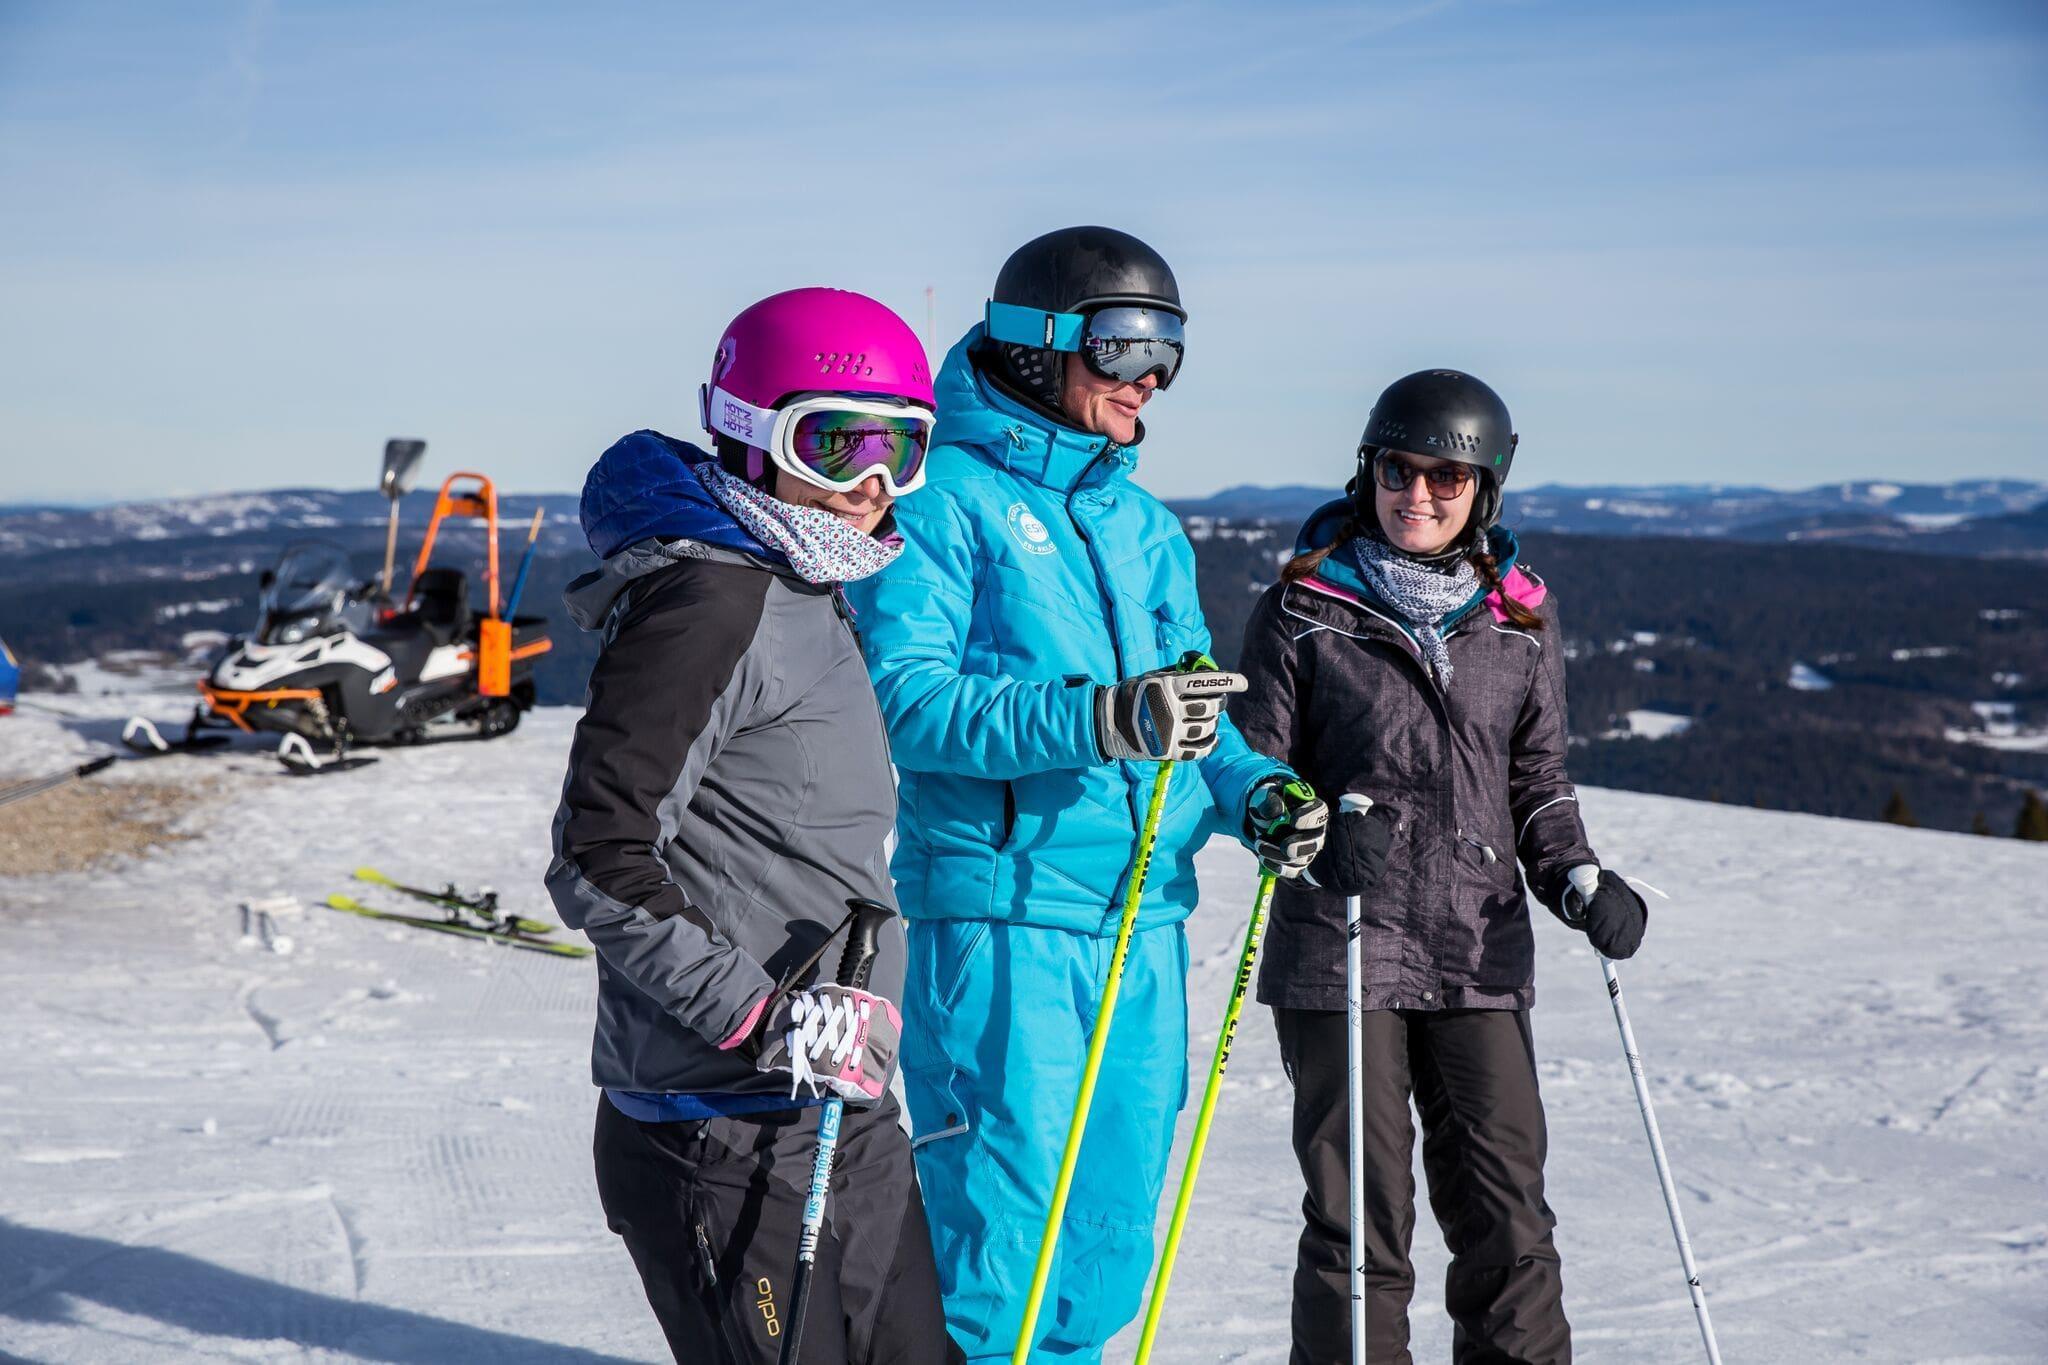 Cours de ski Ados & Adultes - Basse saison